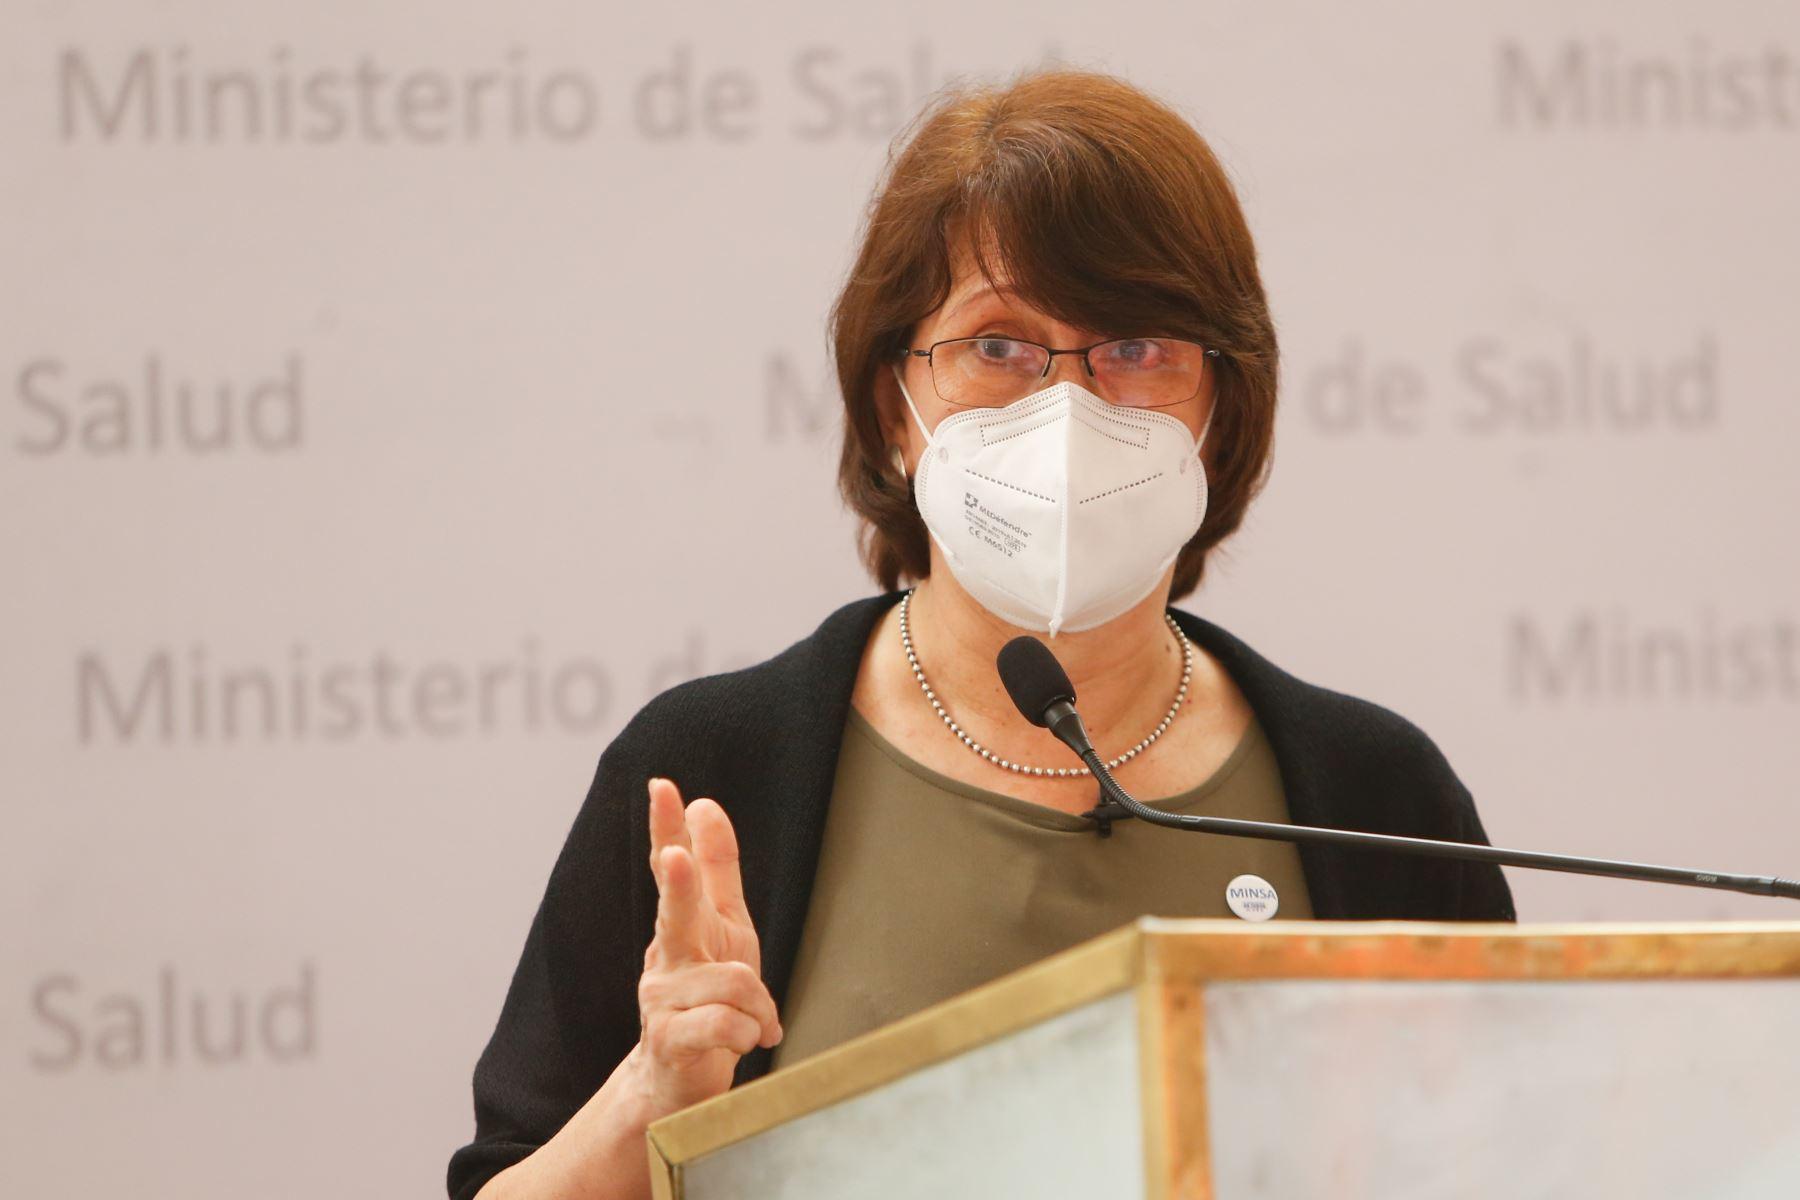 Los gobernadores regionales se reúnen hoy con la ministra de Salud, Pilar Mazzetti, para coordinar acciones frente a la segunda ola de contagios del covid-19. Foto: ANDINA/difusión.